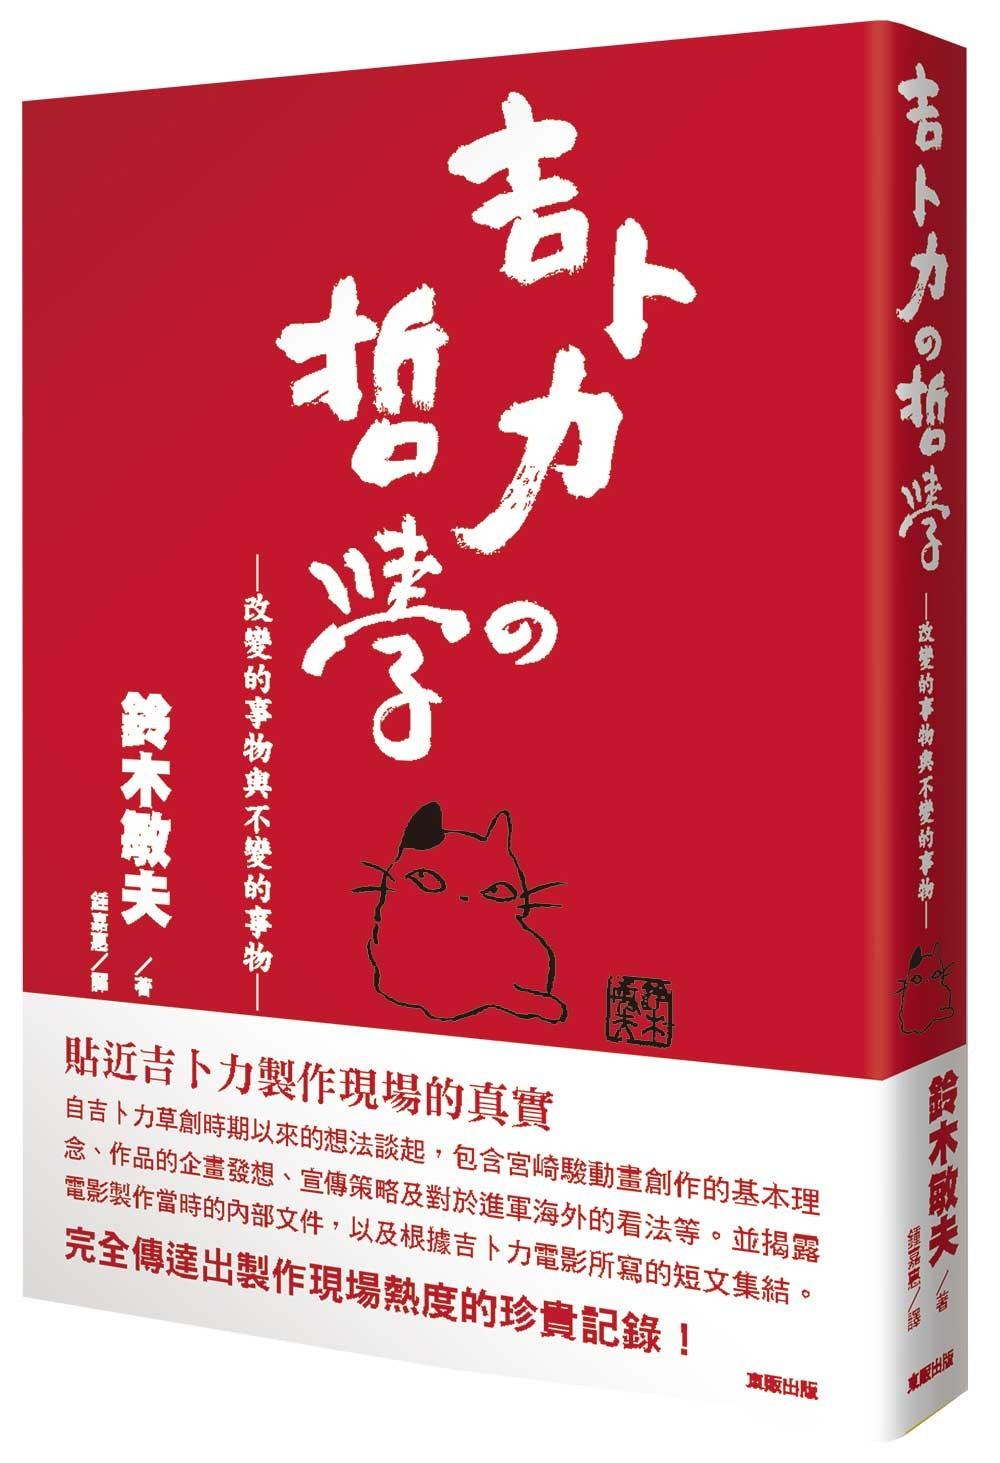 ▲▼《吉卜力的哲學:改變的事物與不變的事物》。(圖/台灣東販 授權轉載)